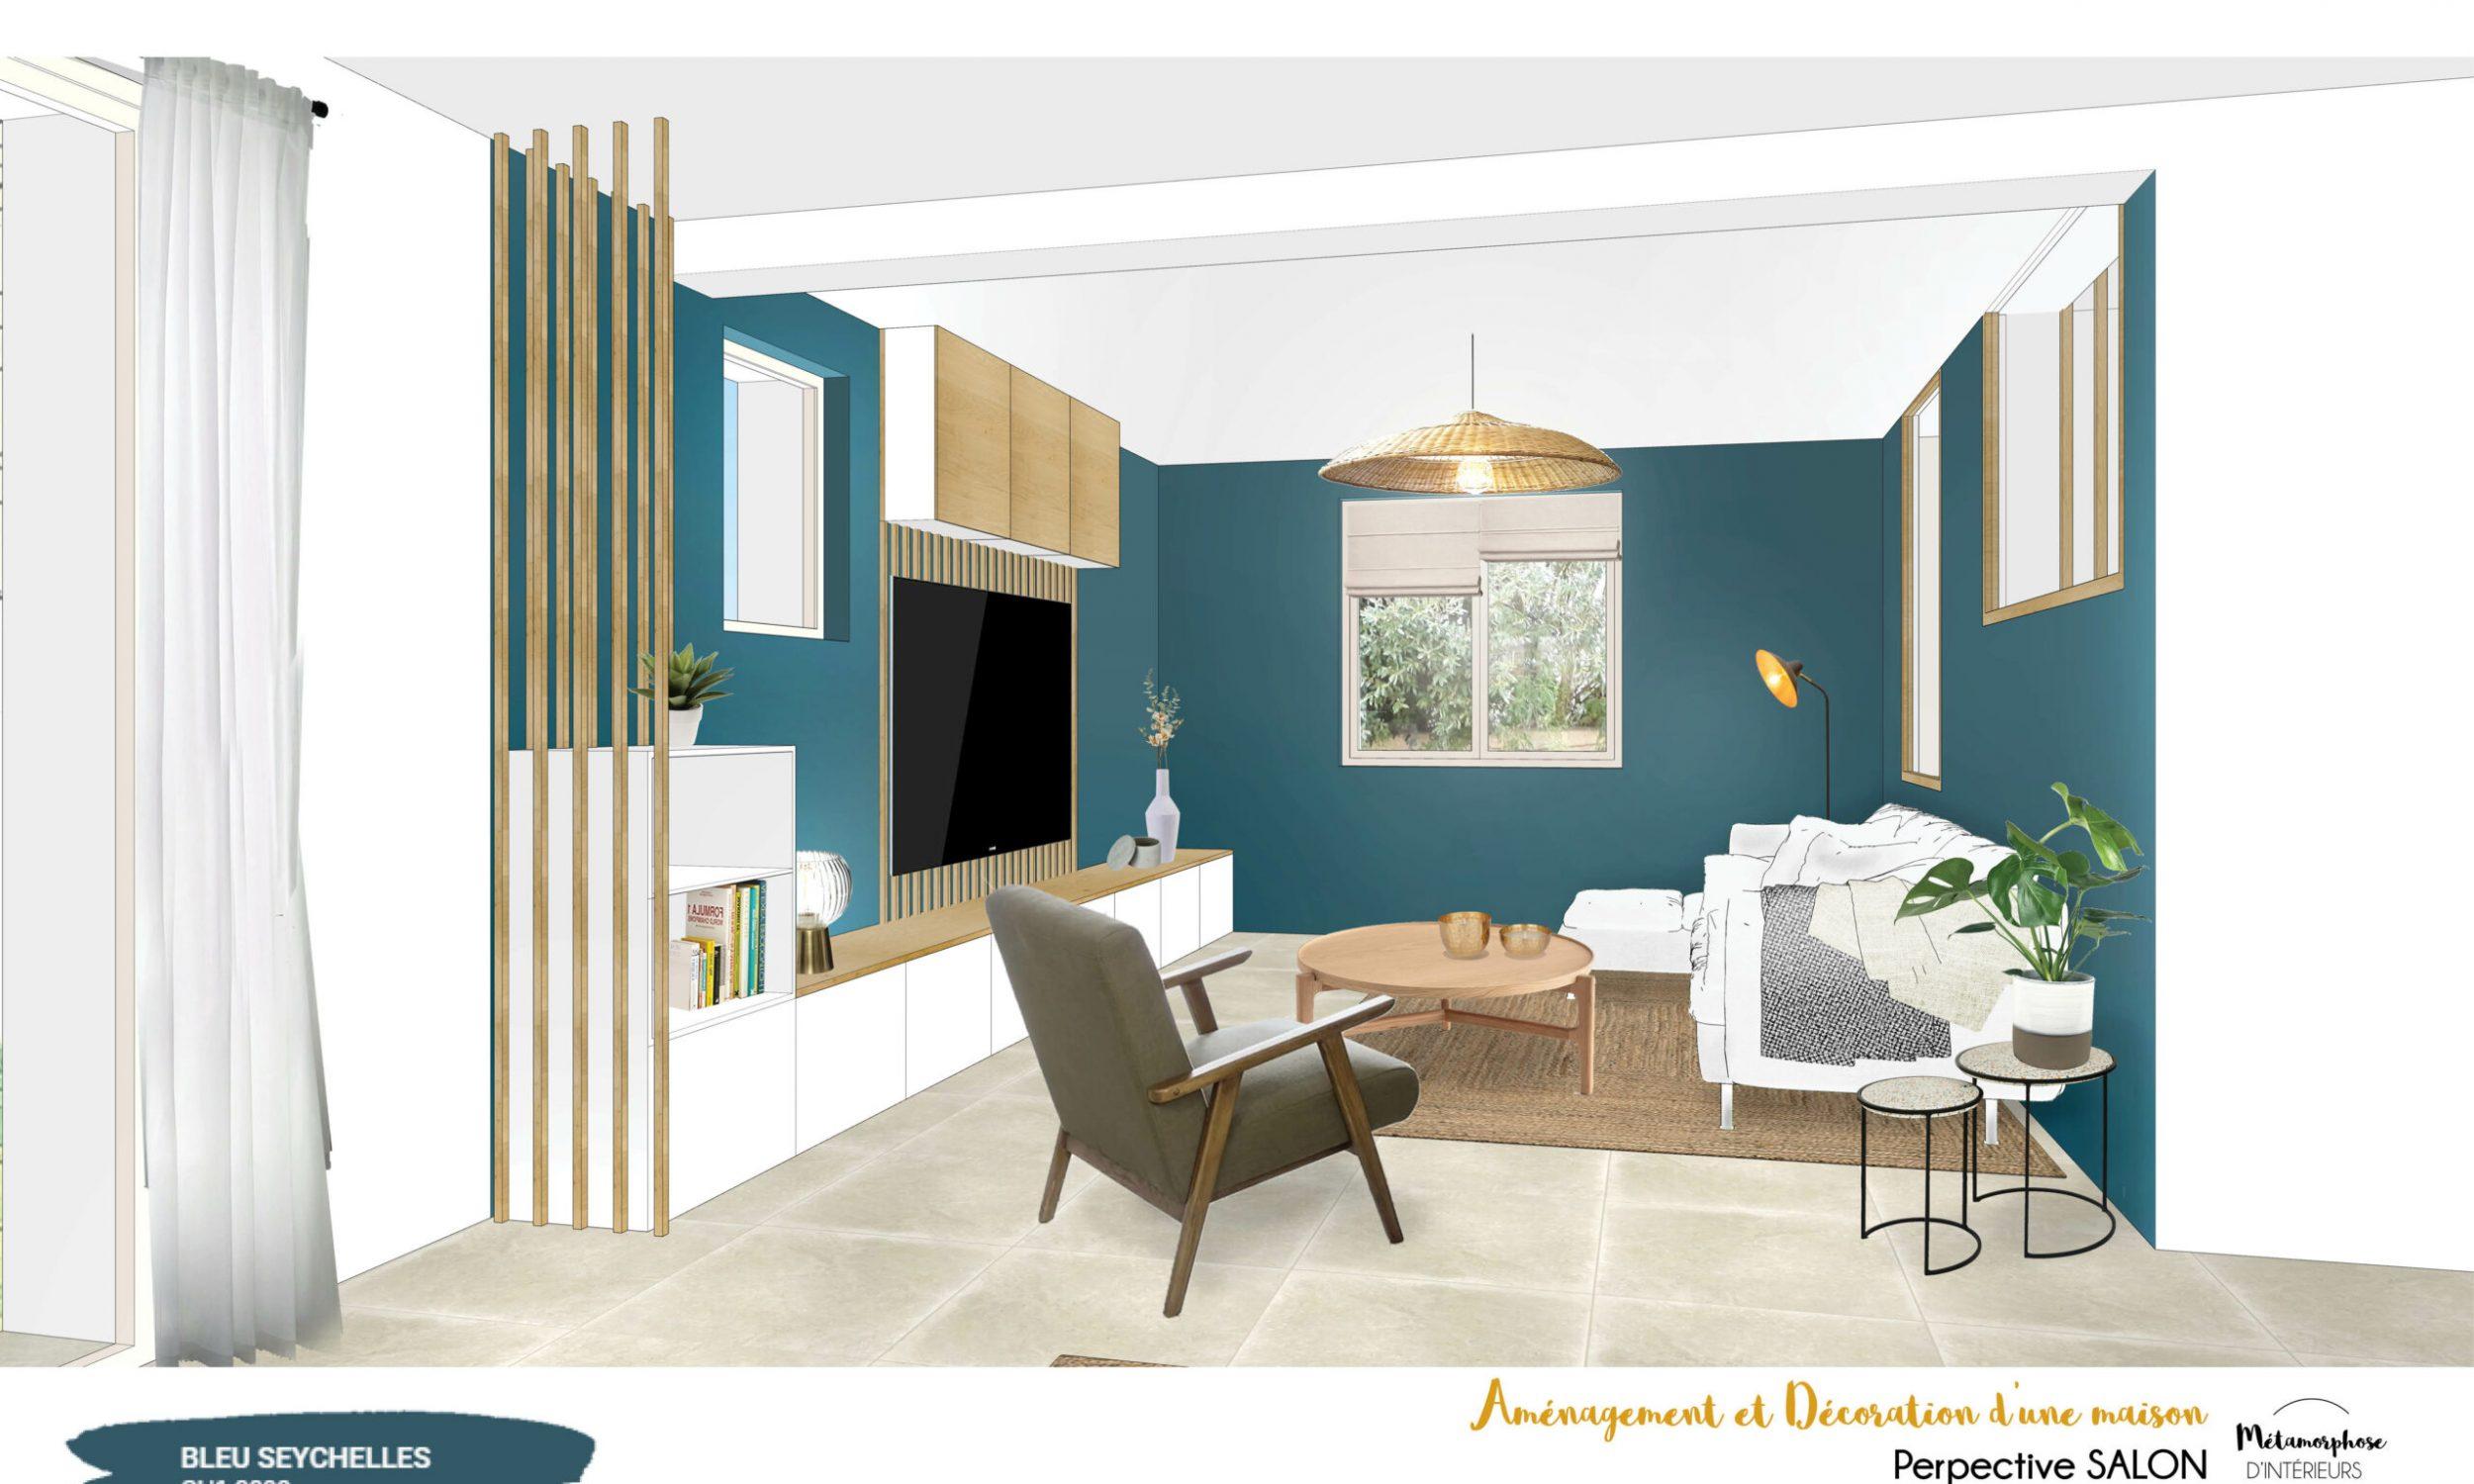 MAISON MANDUEL -Aménagement intérieur et décoration - salon